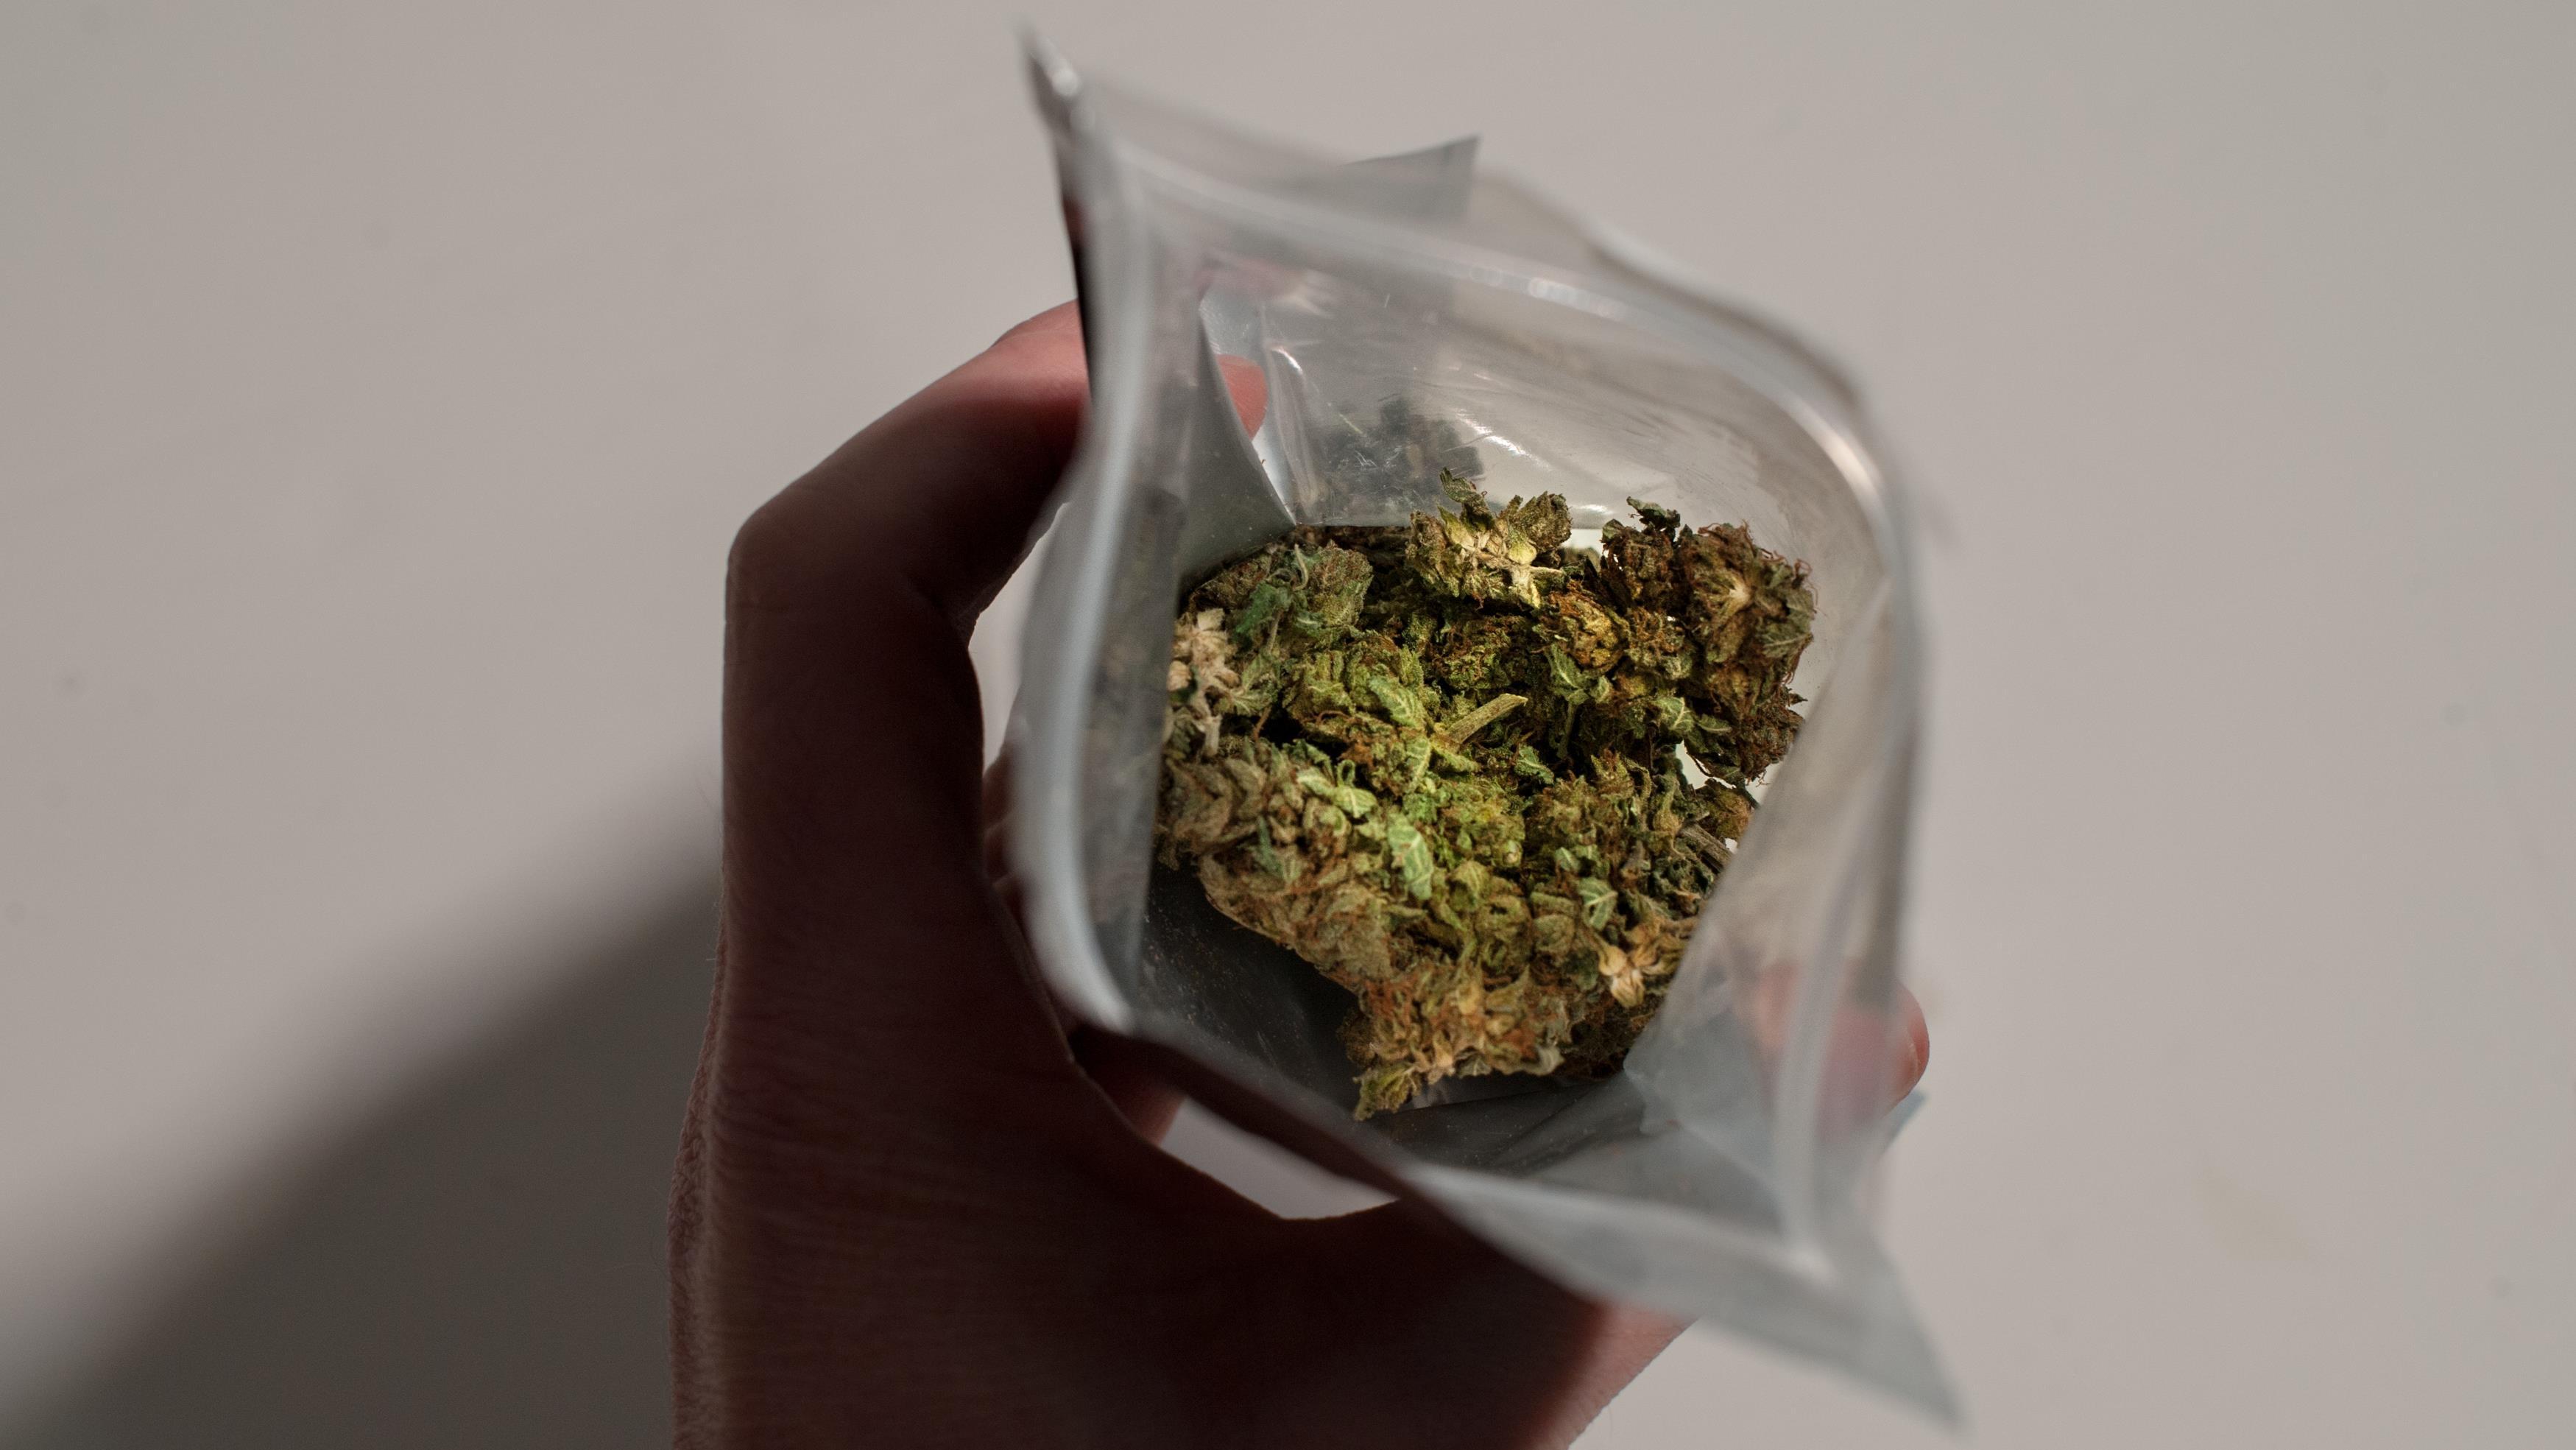 Cannabis : les comités de parents plaident pour l'âge légal à 21 ans